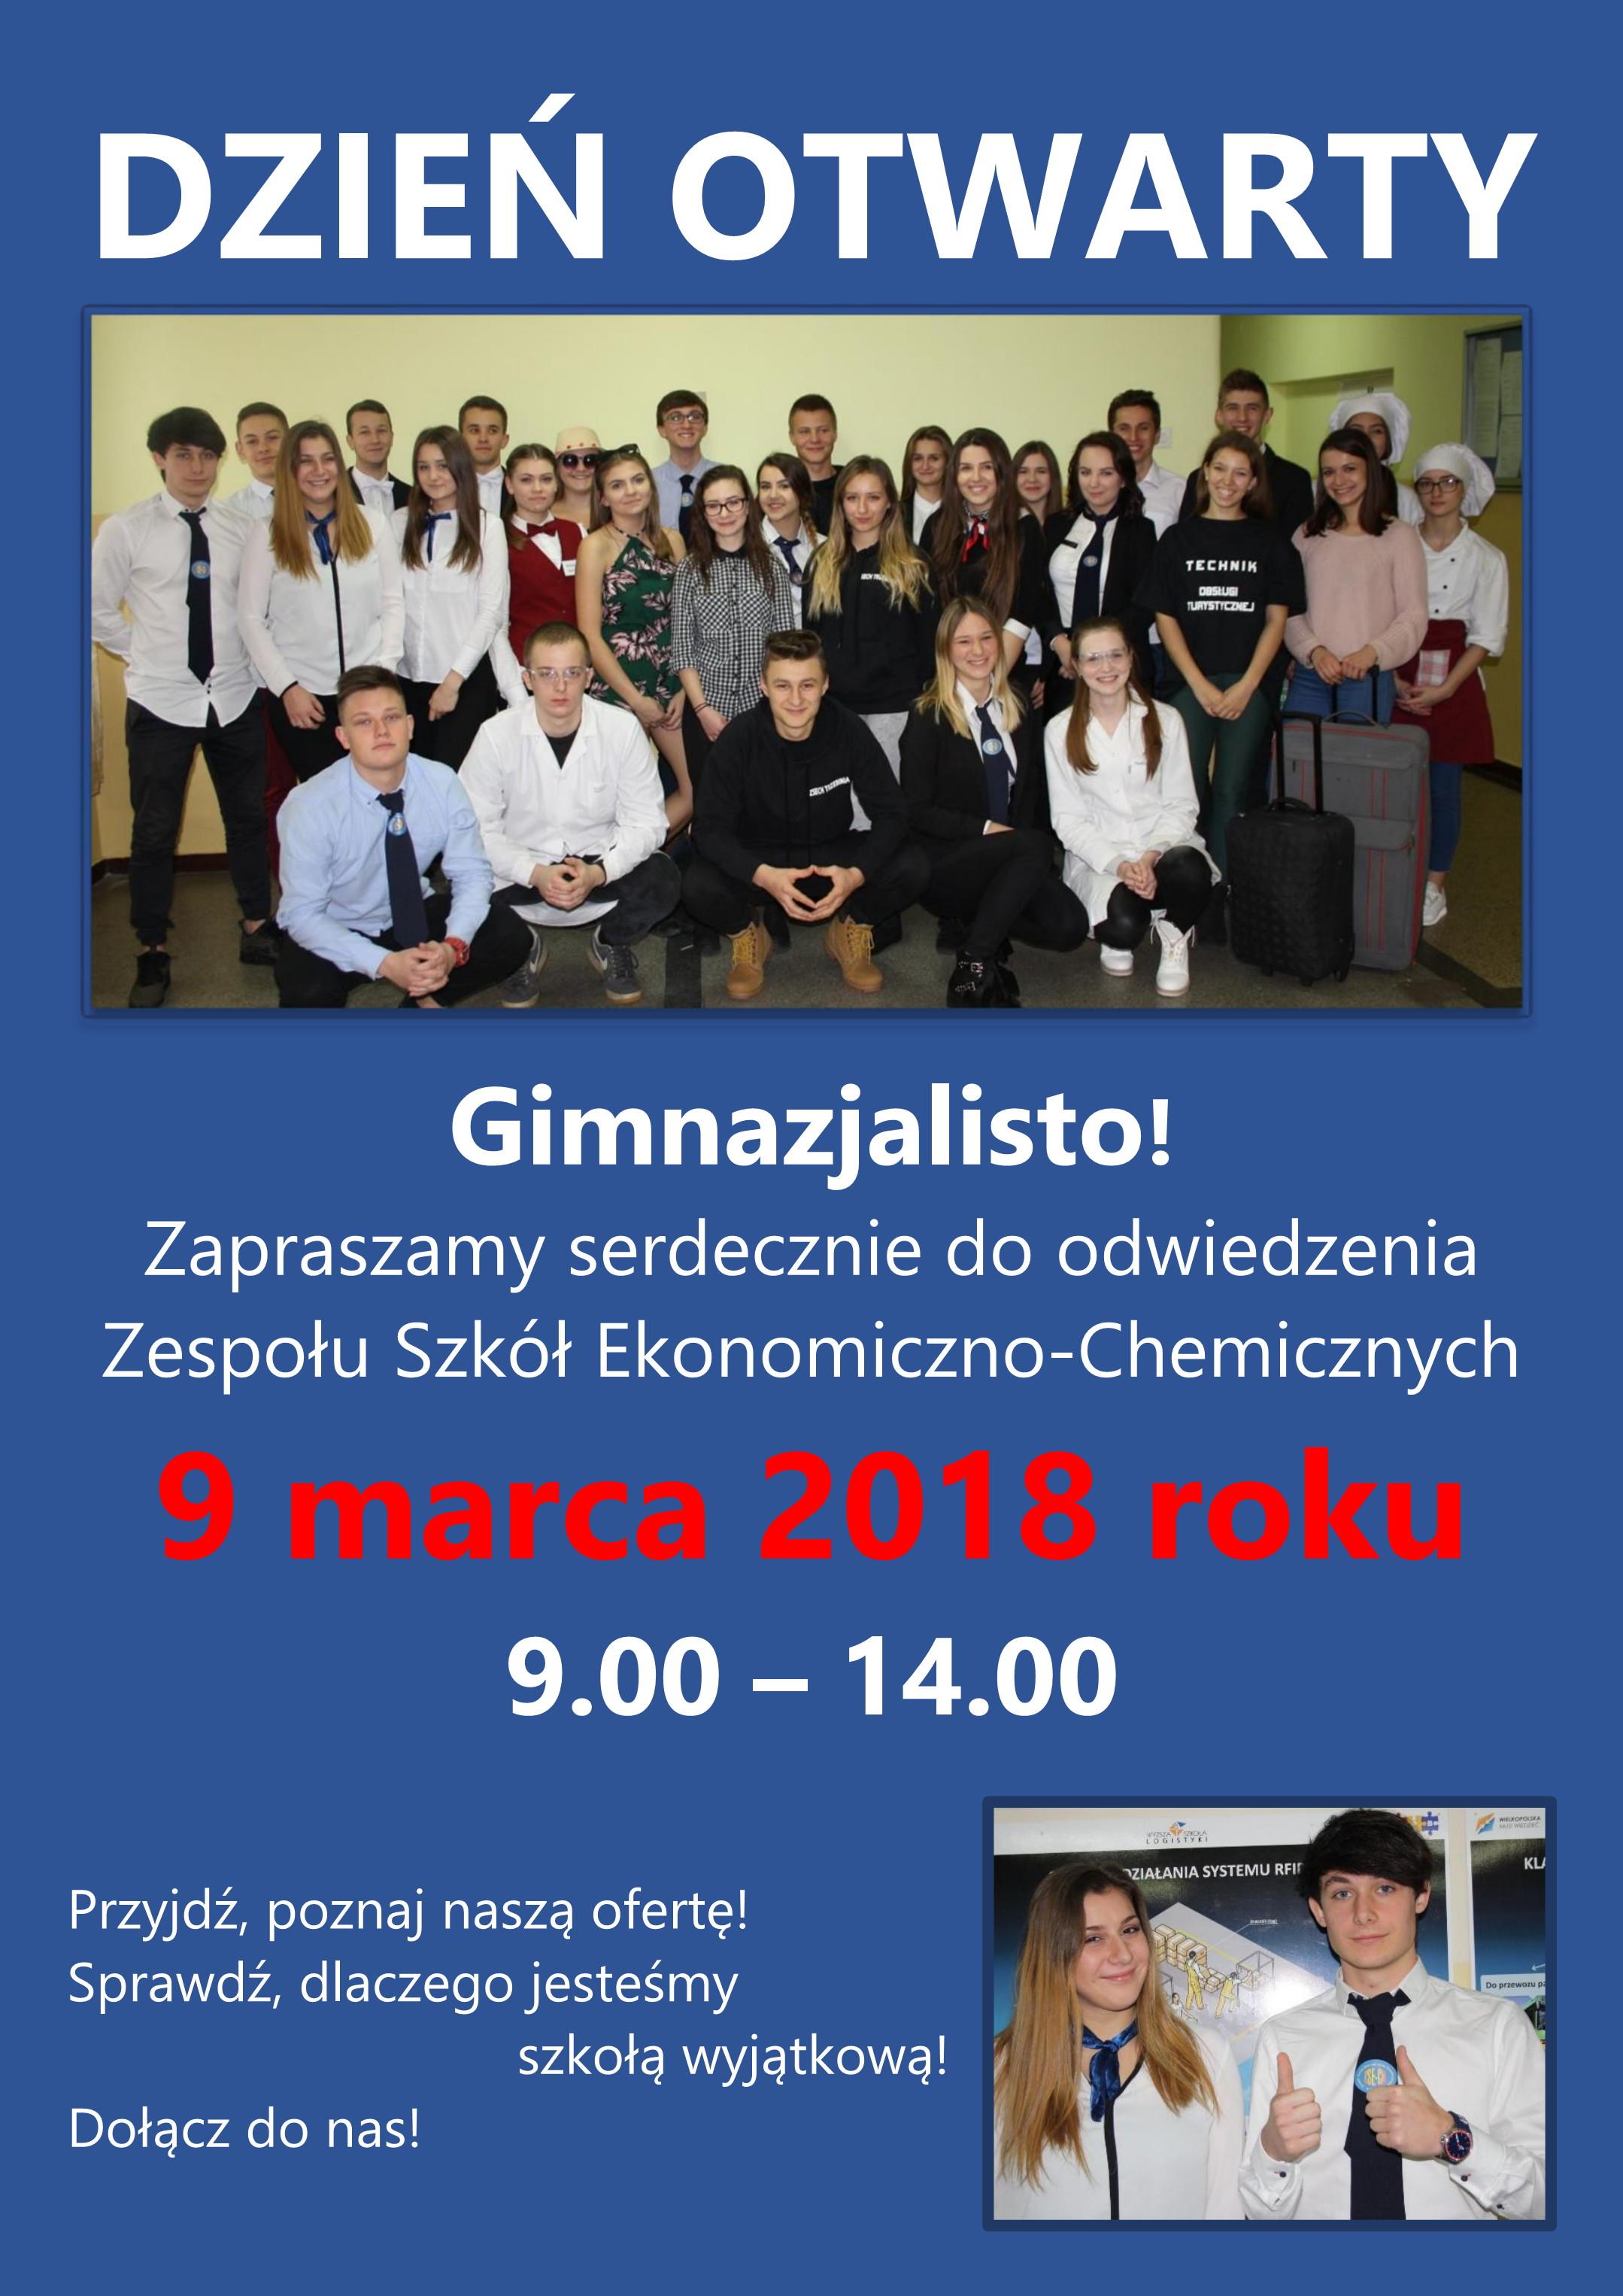 Dzień otwarty dla gimnazjalistów